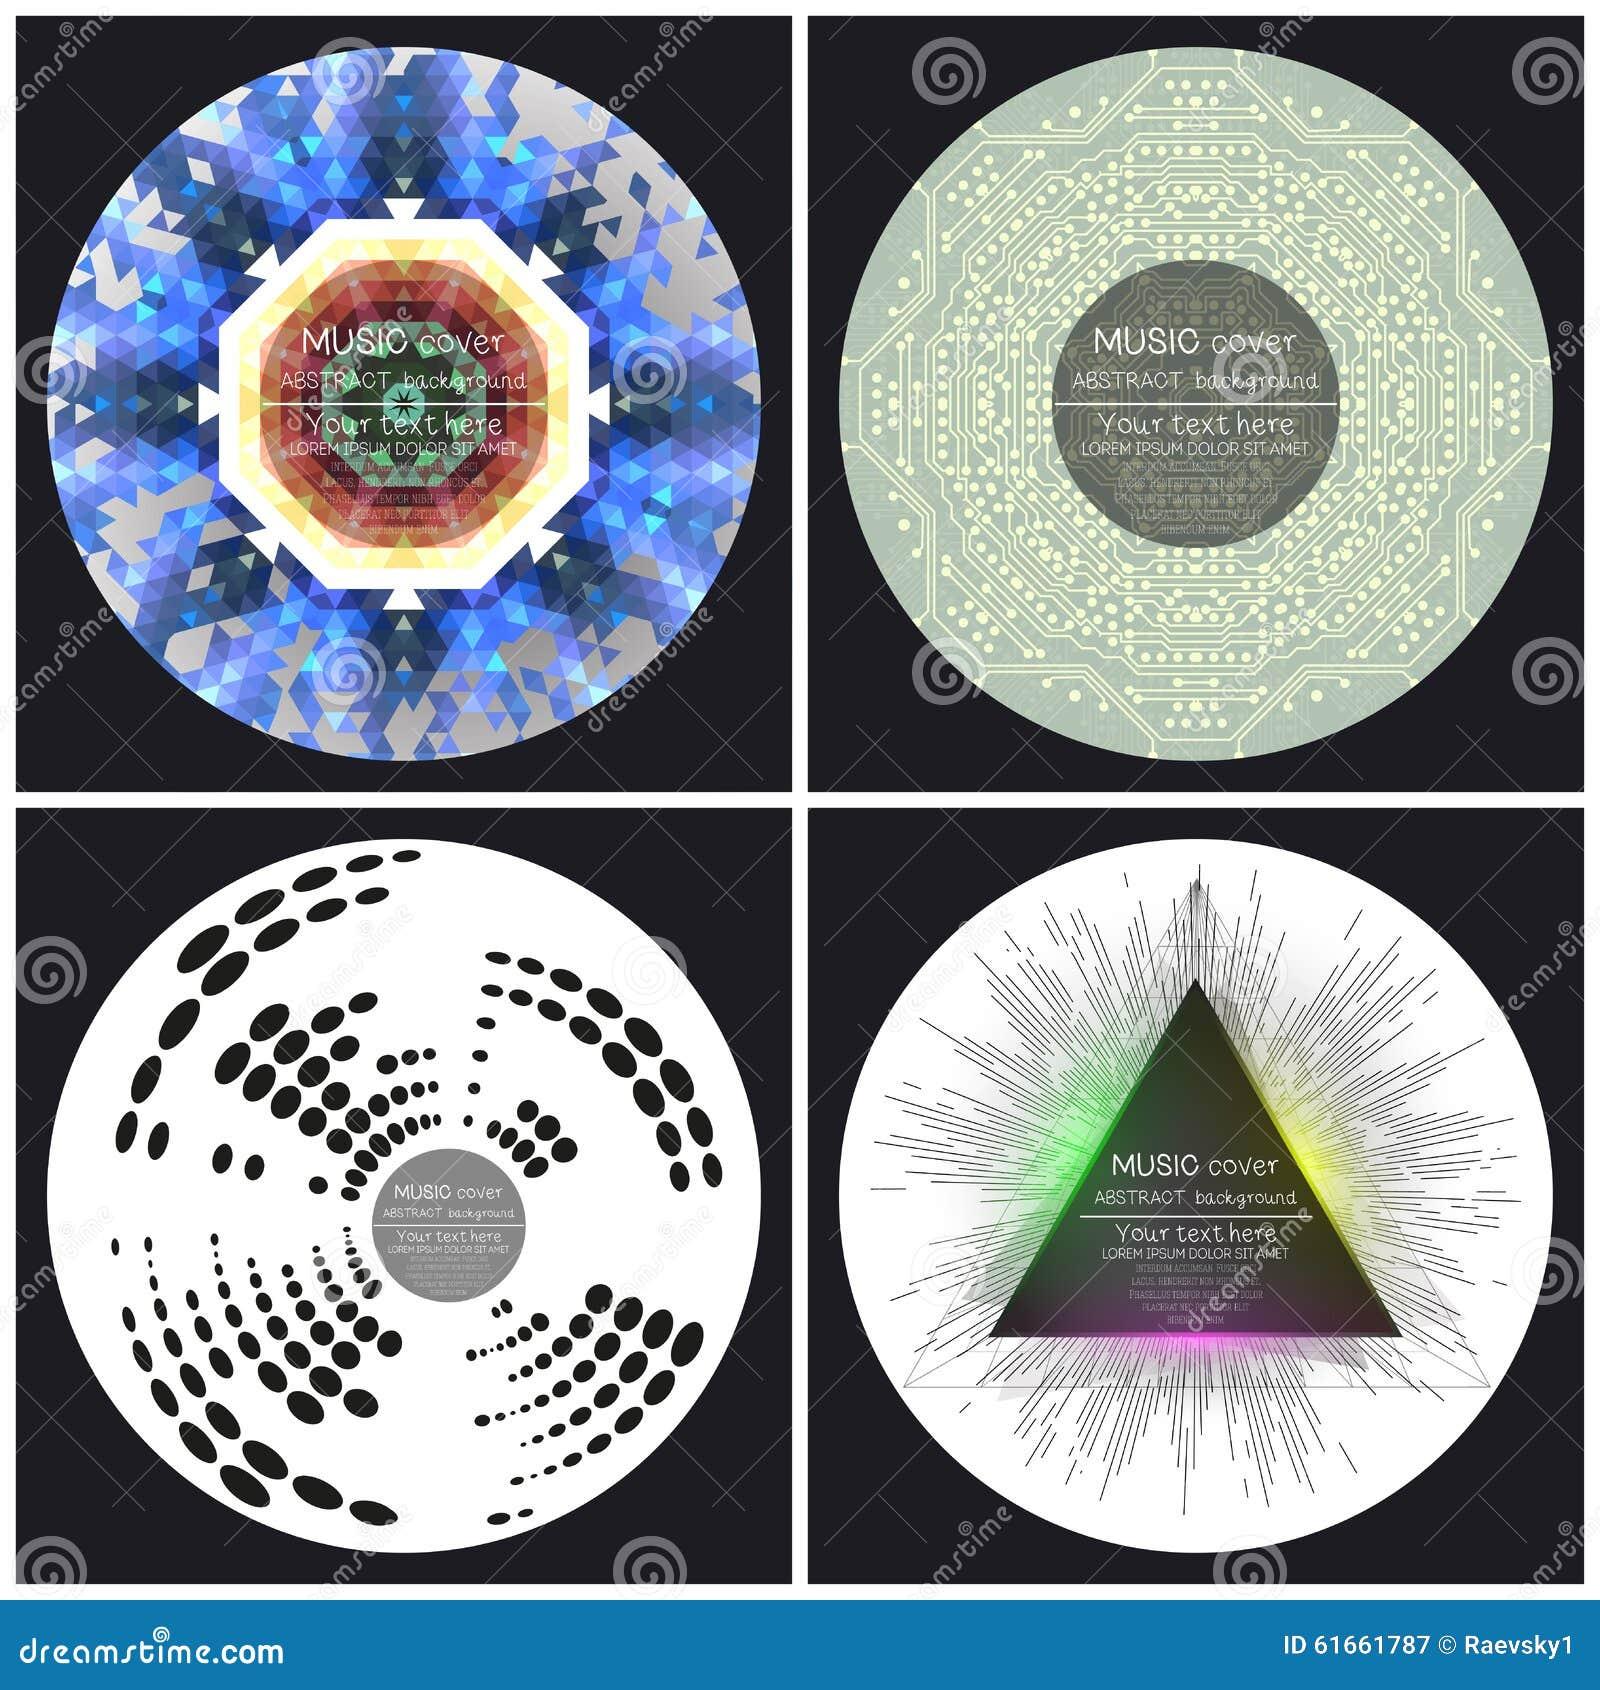 Set of 4 music album cover templates.